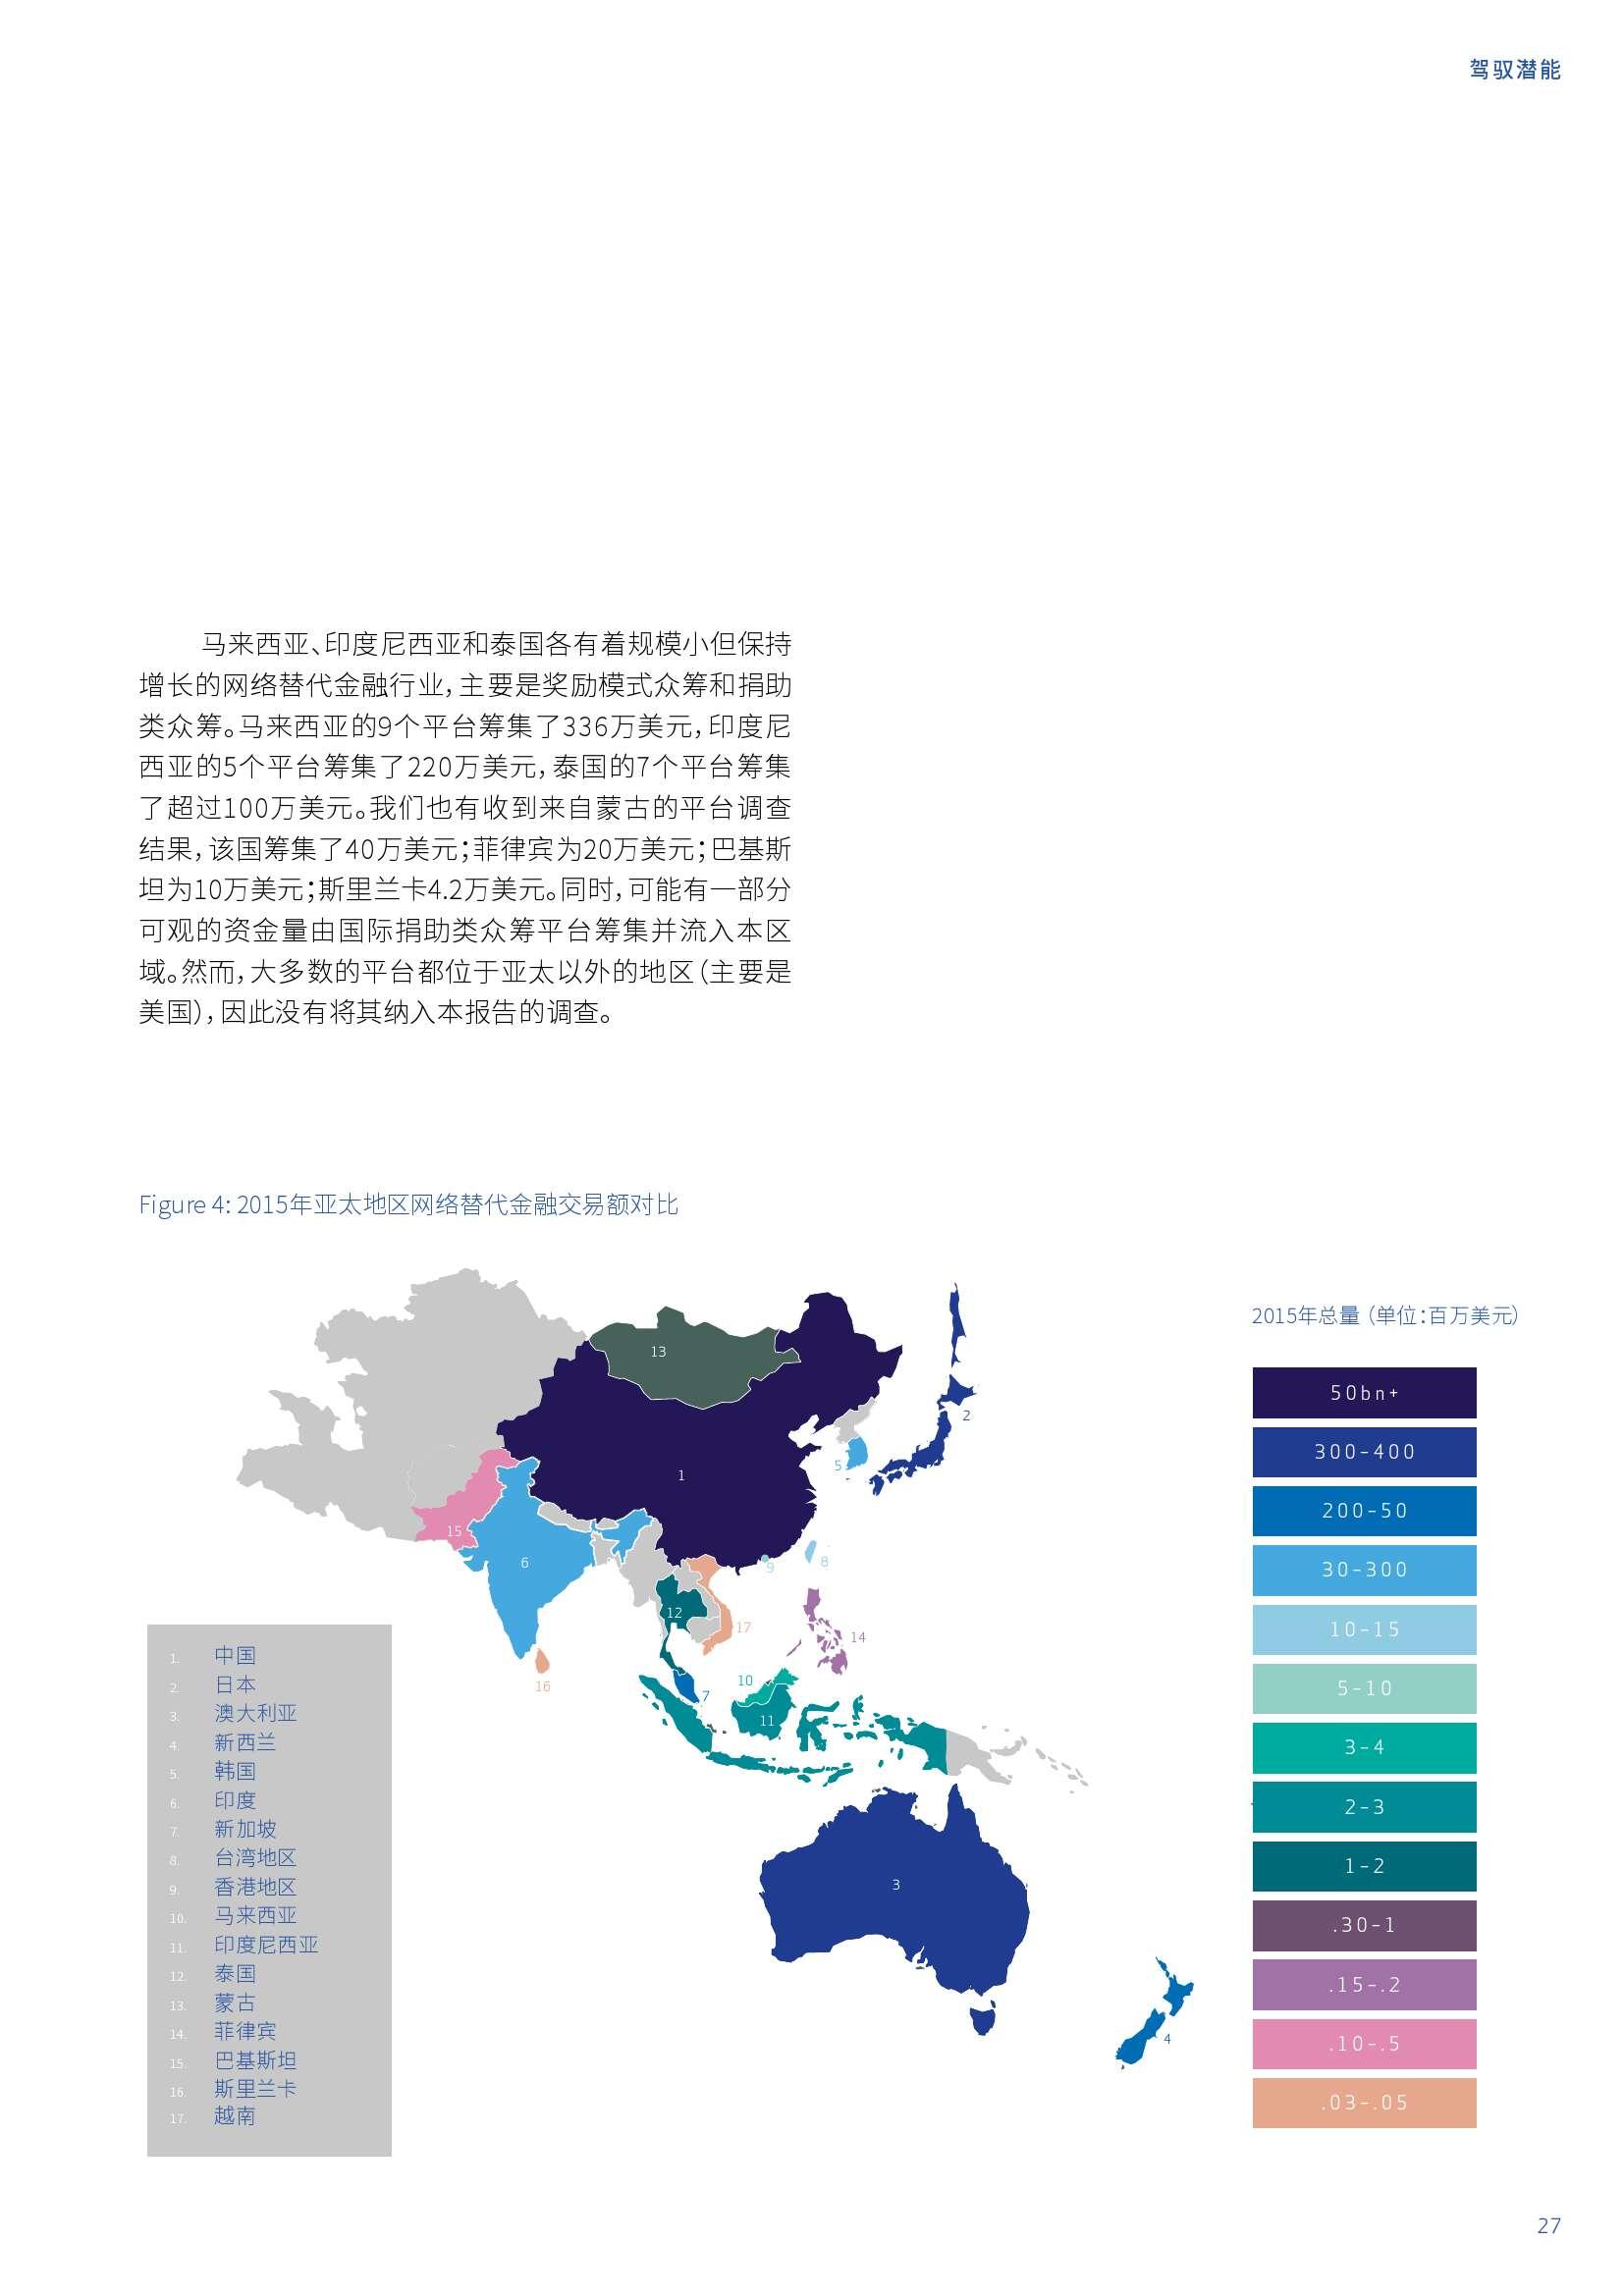 亚太地区网络替代金融基准报告_000027